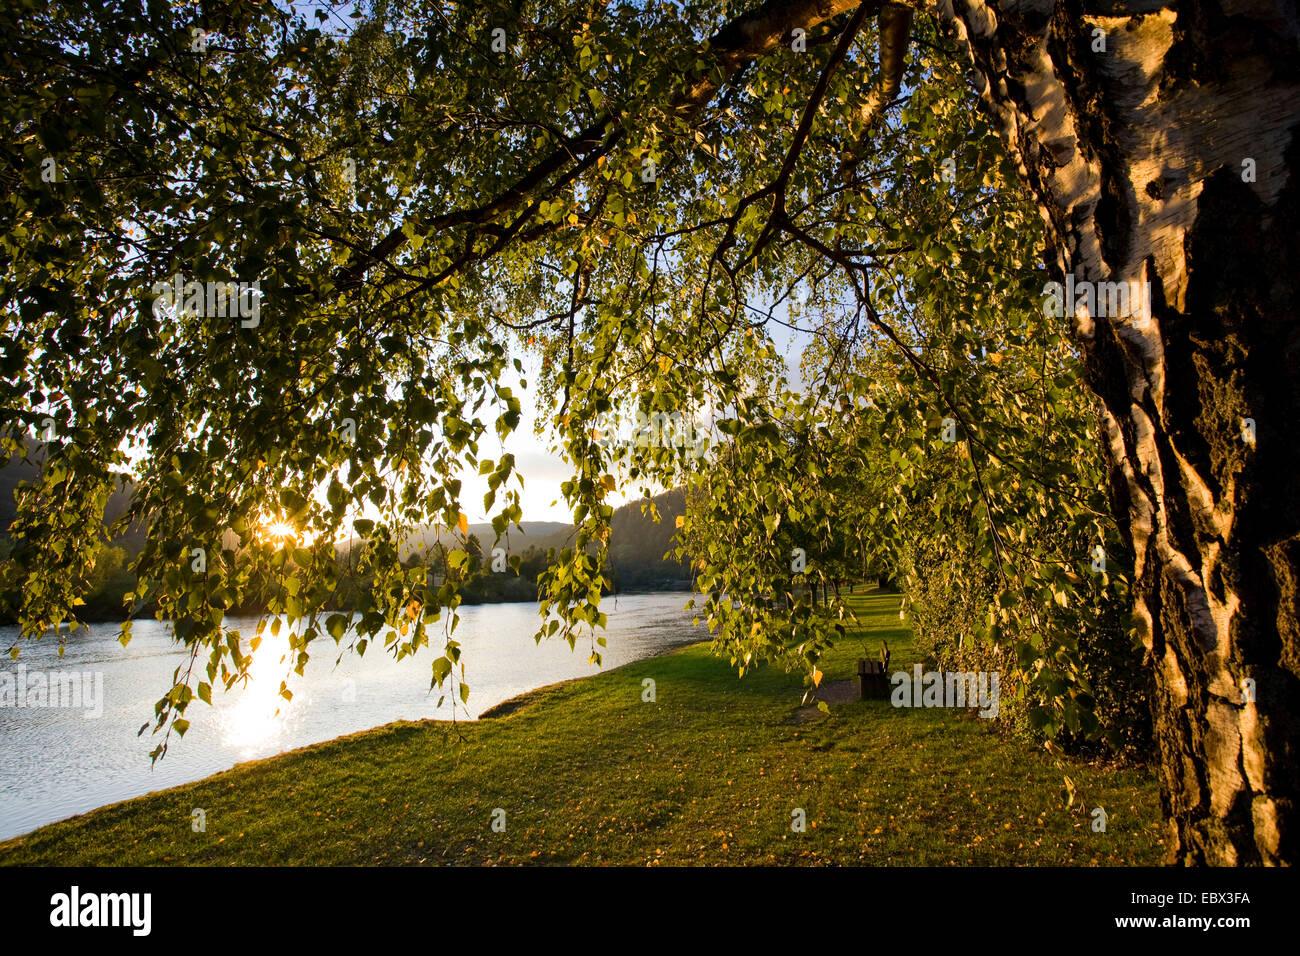 Comune di betulla, argento betulla, bianco europeo betulla, bianco (betulla Betula pendula, betula alba), prato Immagini Stock